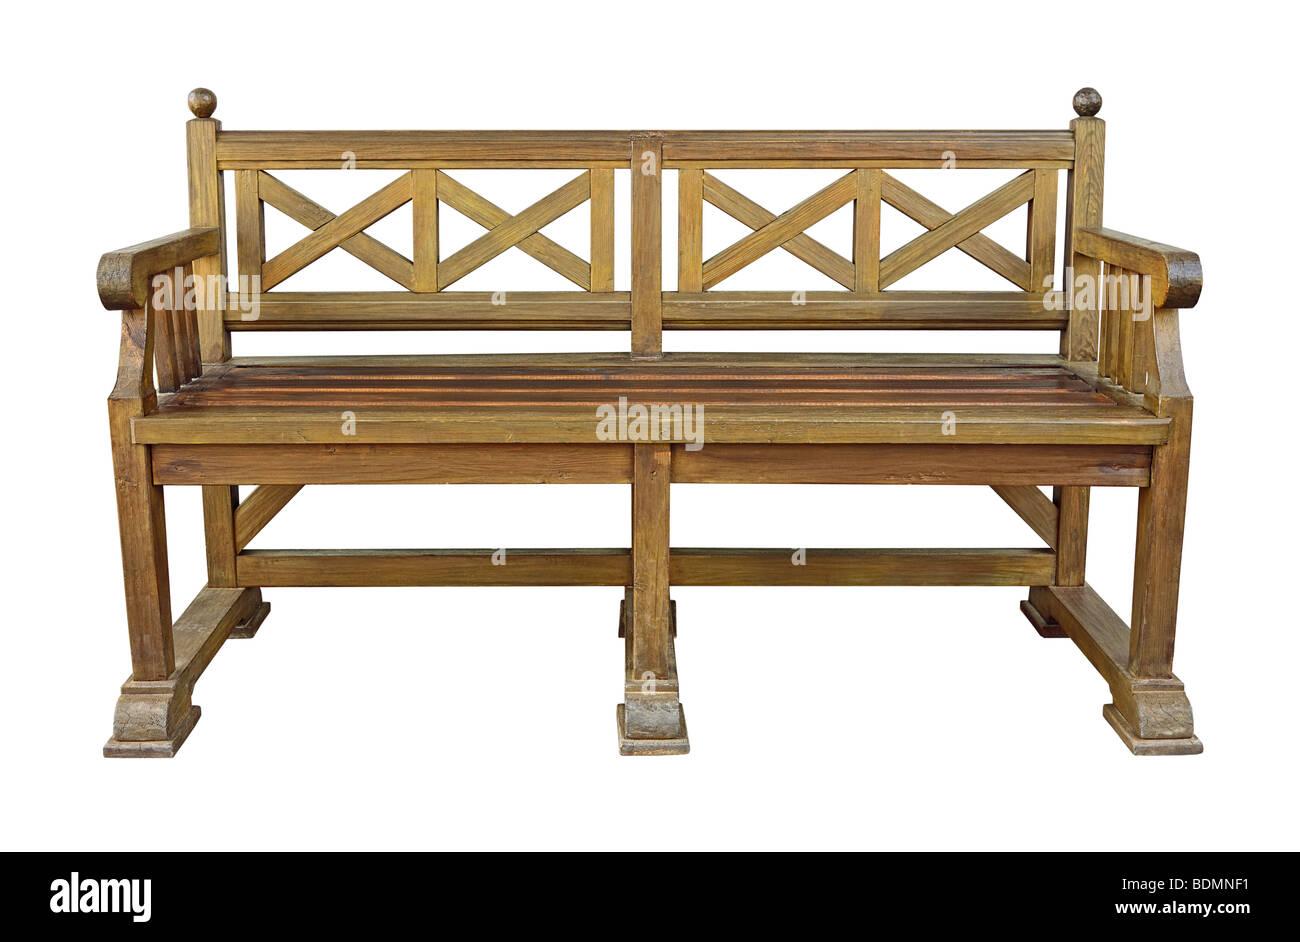 Wooden im genes de stock wooden fotos de stock alamy - Banco de madera blanco ...